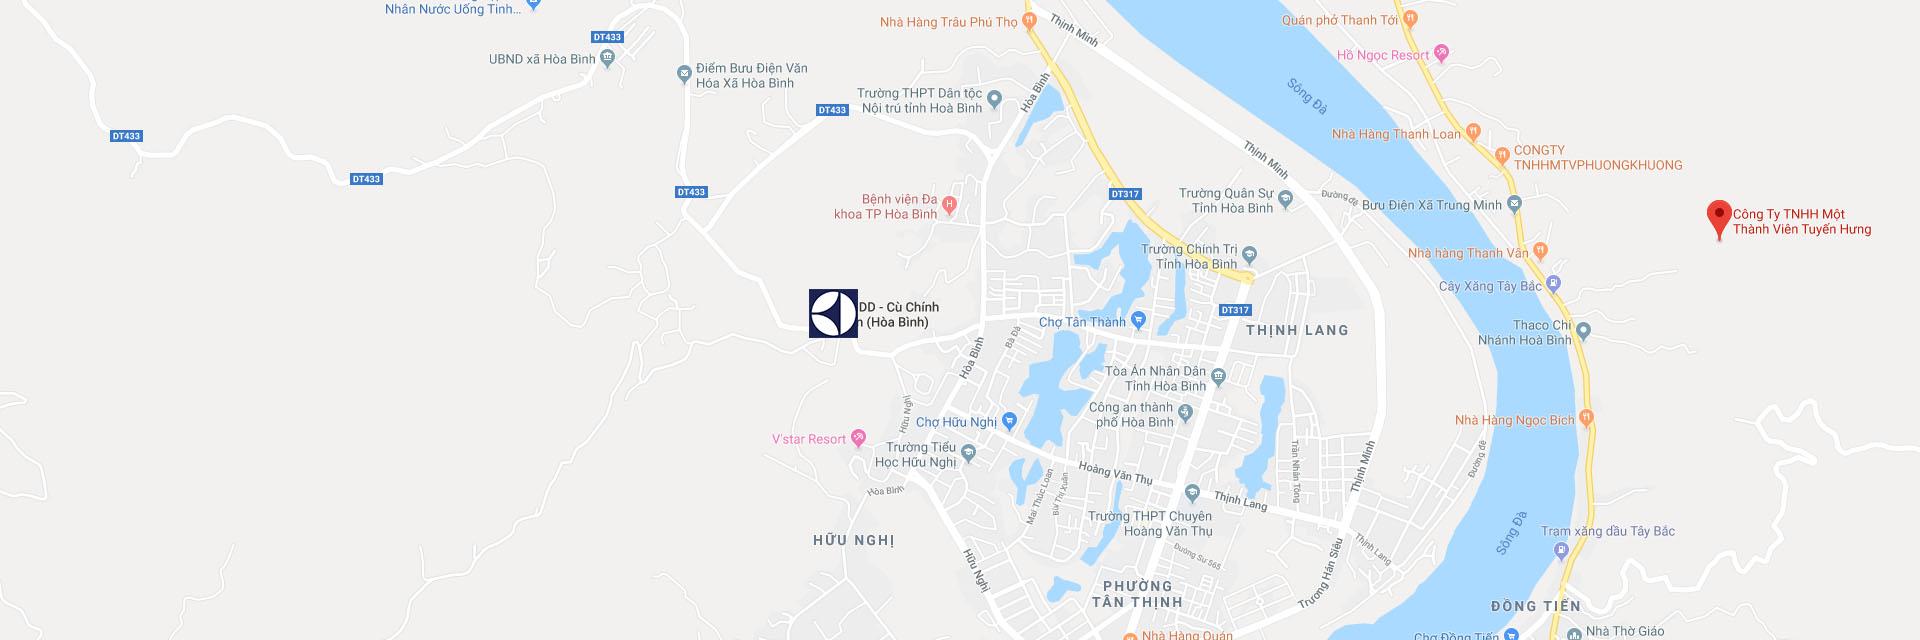 Trung tâm bảo hành Electrolux tại Hòa Bình trên Google Maps